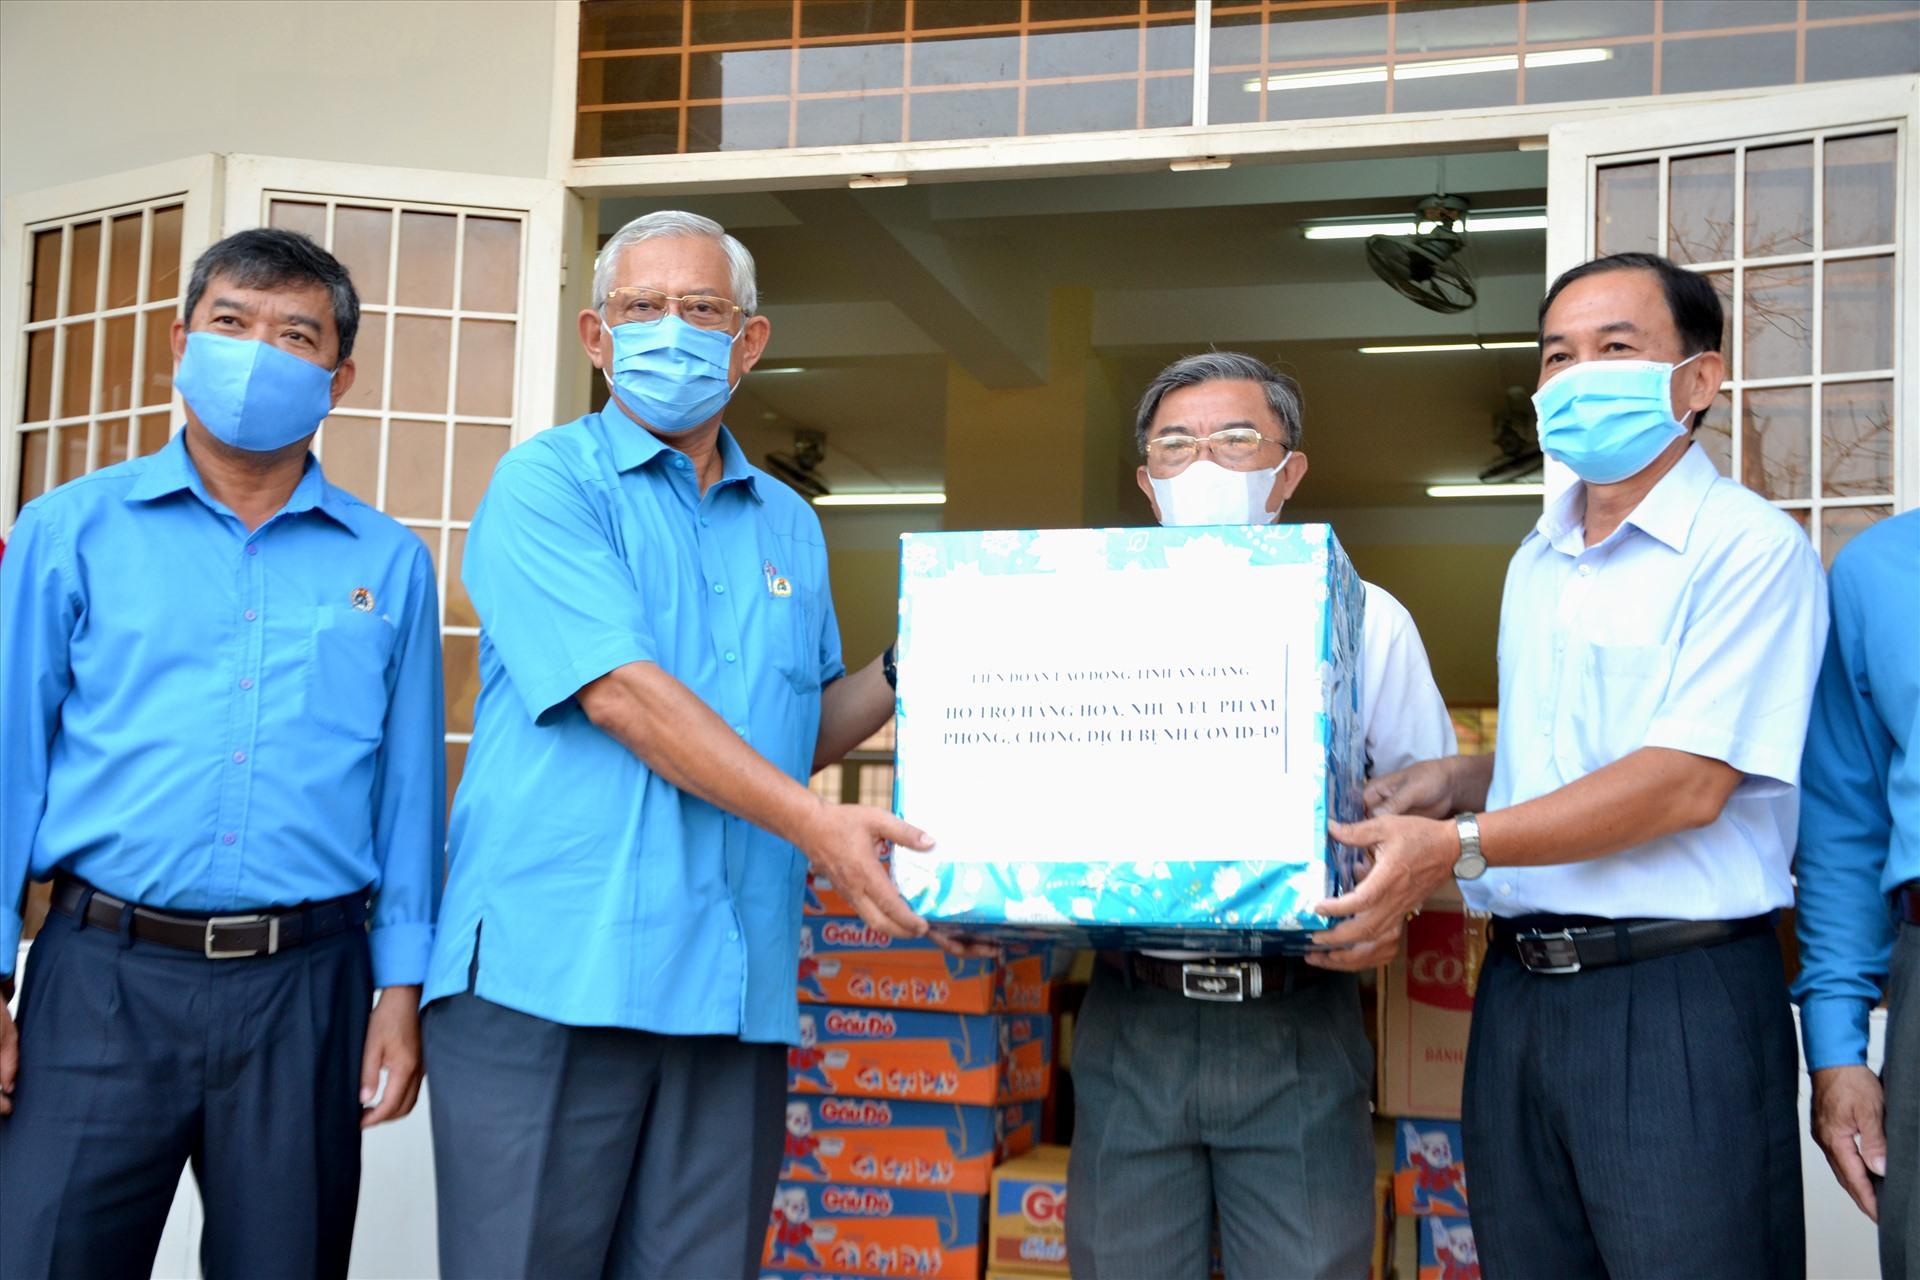 Ông Nguyễn Thiện Phú trao hỗ trợ 500 khẩu trang y tế, 25 chai nước sát khuẩn,30 thùng mì, cháo ăn liền cho điểm quản lý cách ly tập trung tại TP. Châu Đốc. Ảnh:LT